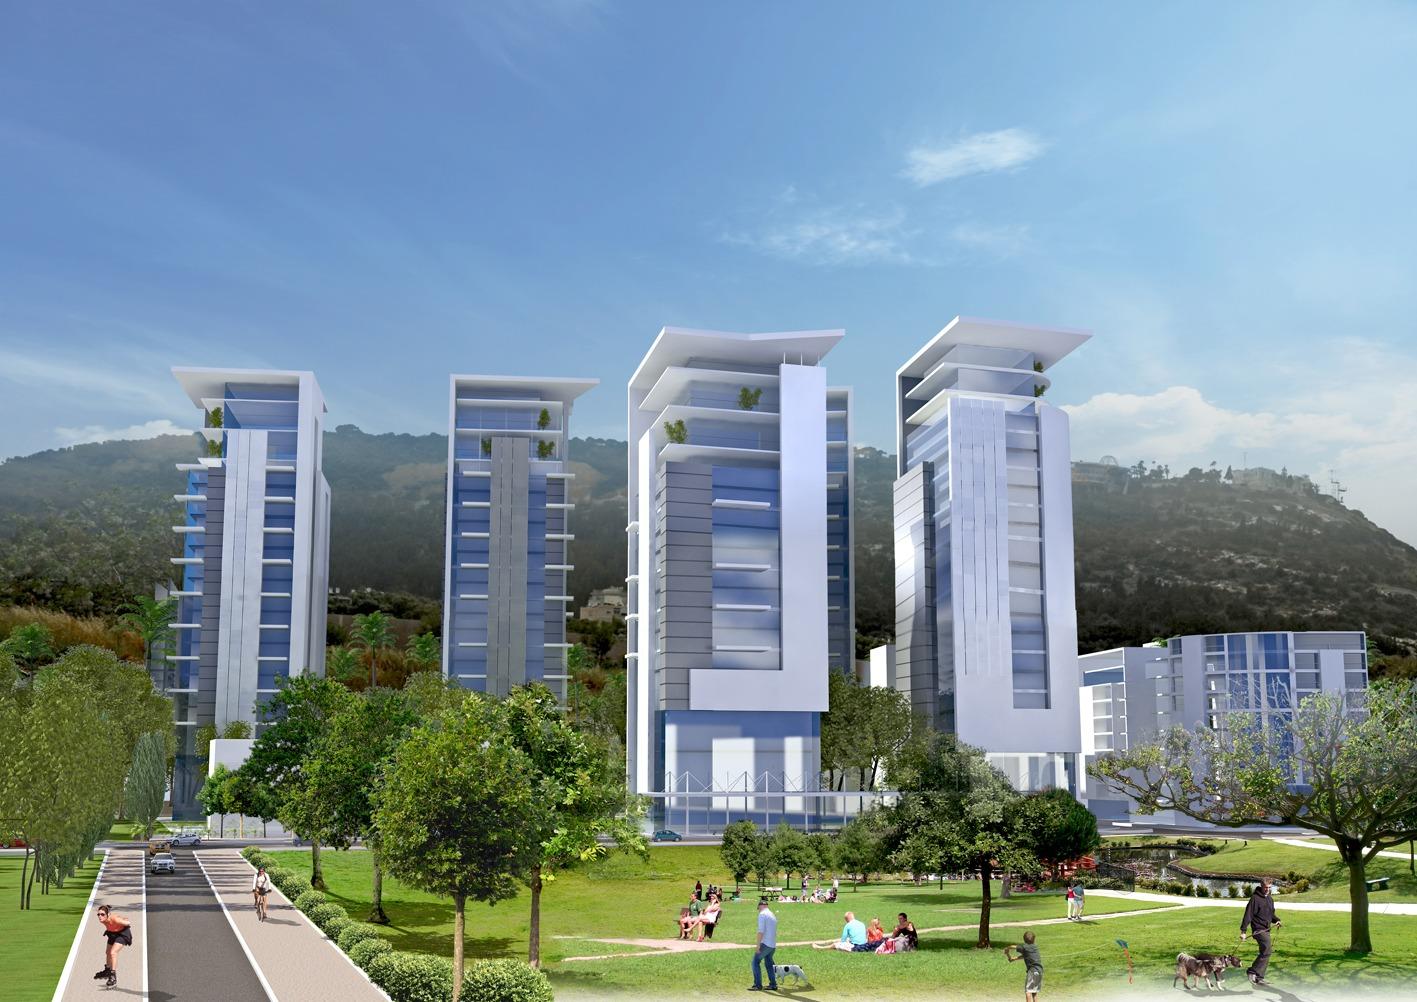 660 דירות חדשות בבנייה מגוונת. רחוב העלייה בבת גלים. קרדיט צלם: הדמיה: קנפו כלימור אדריכלים